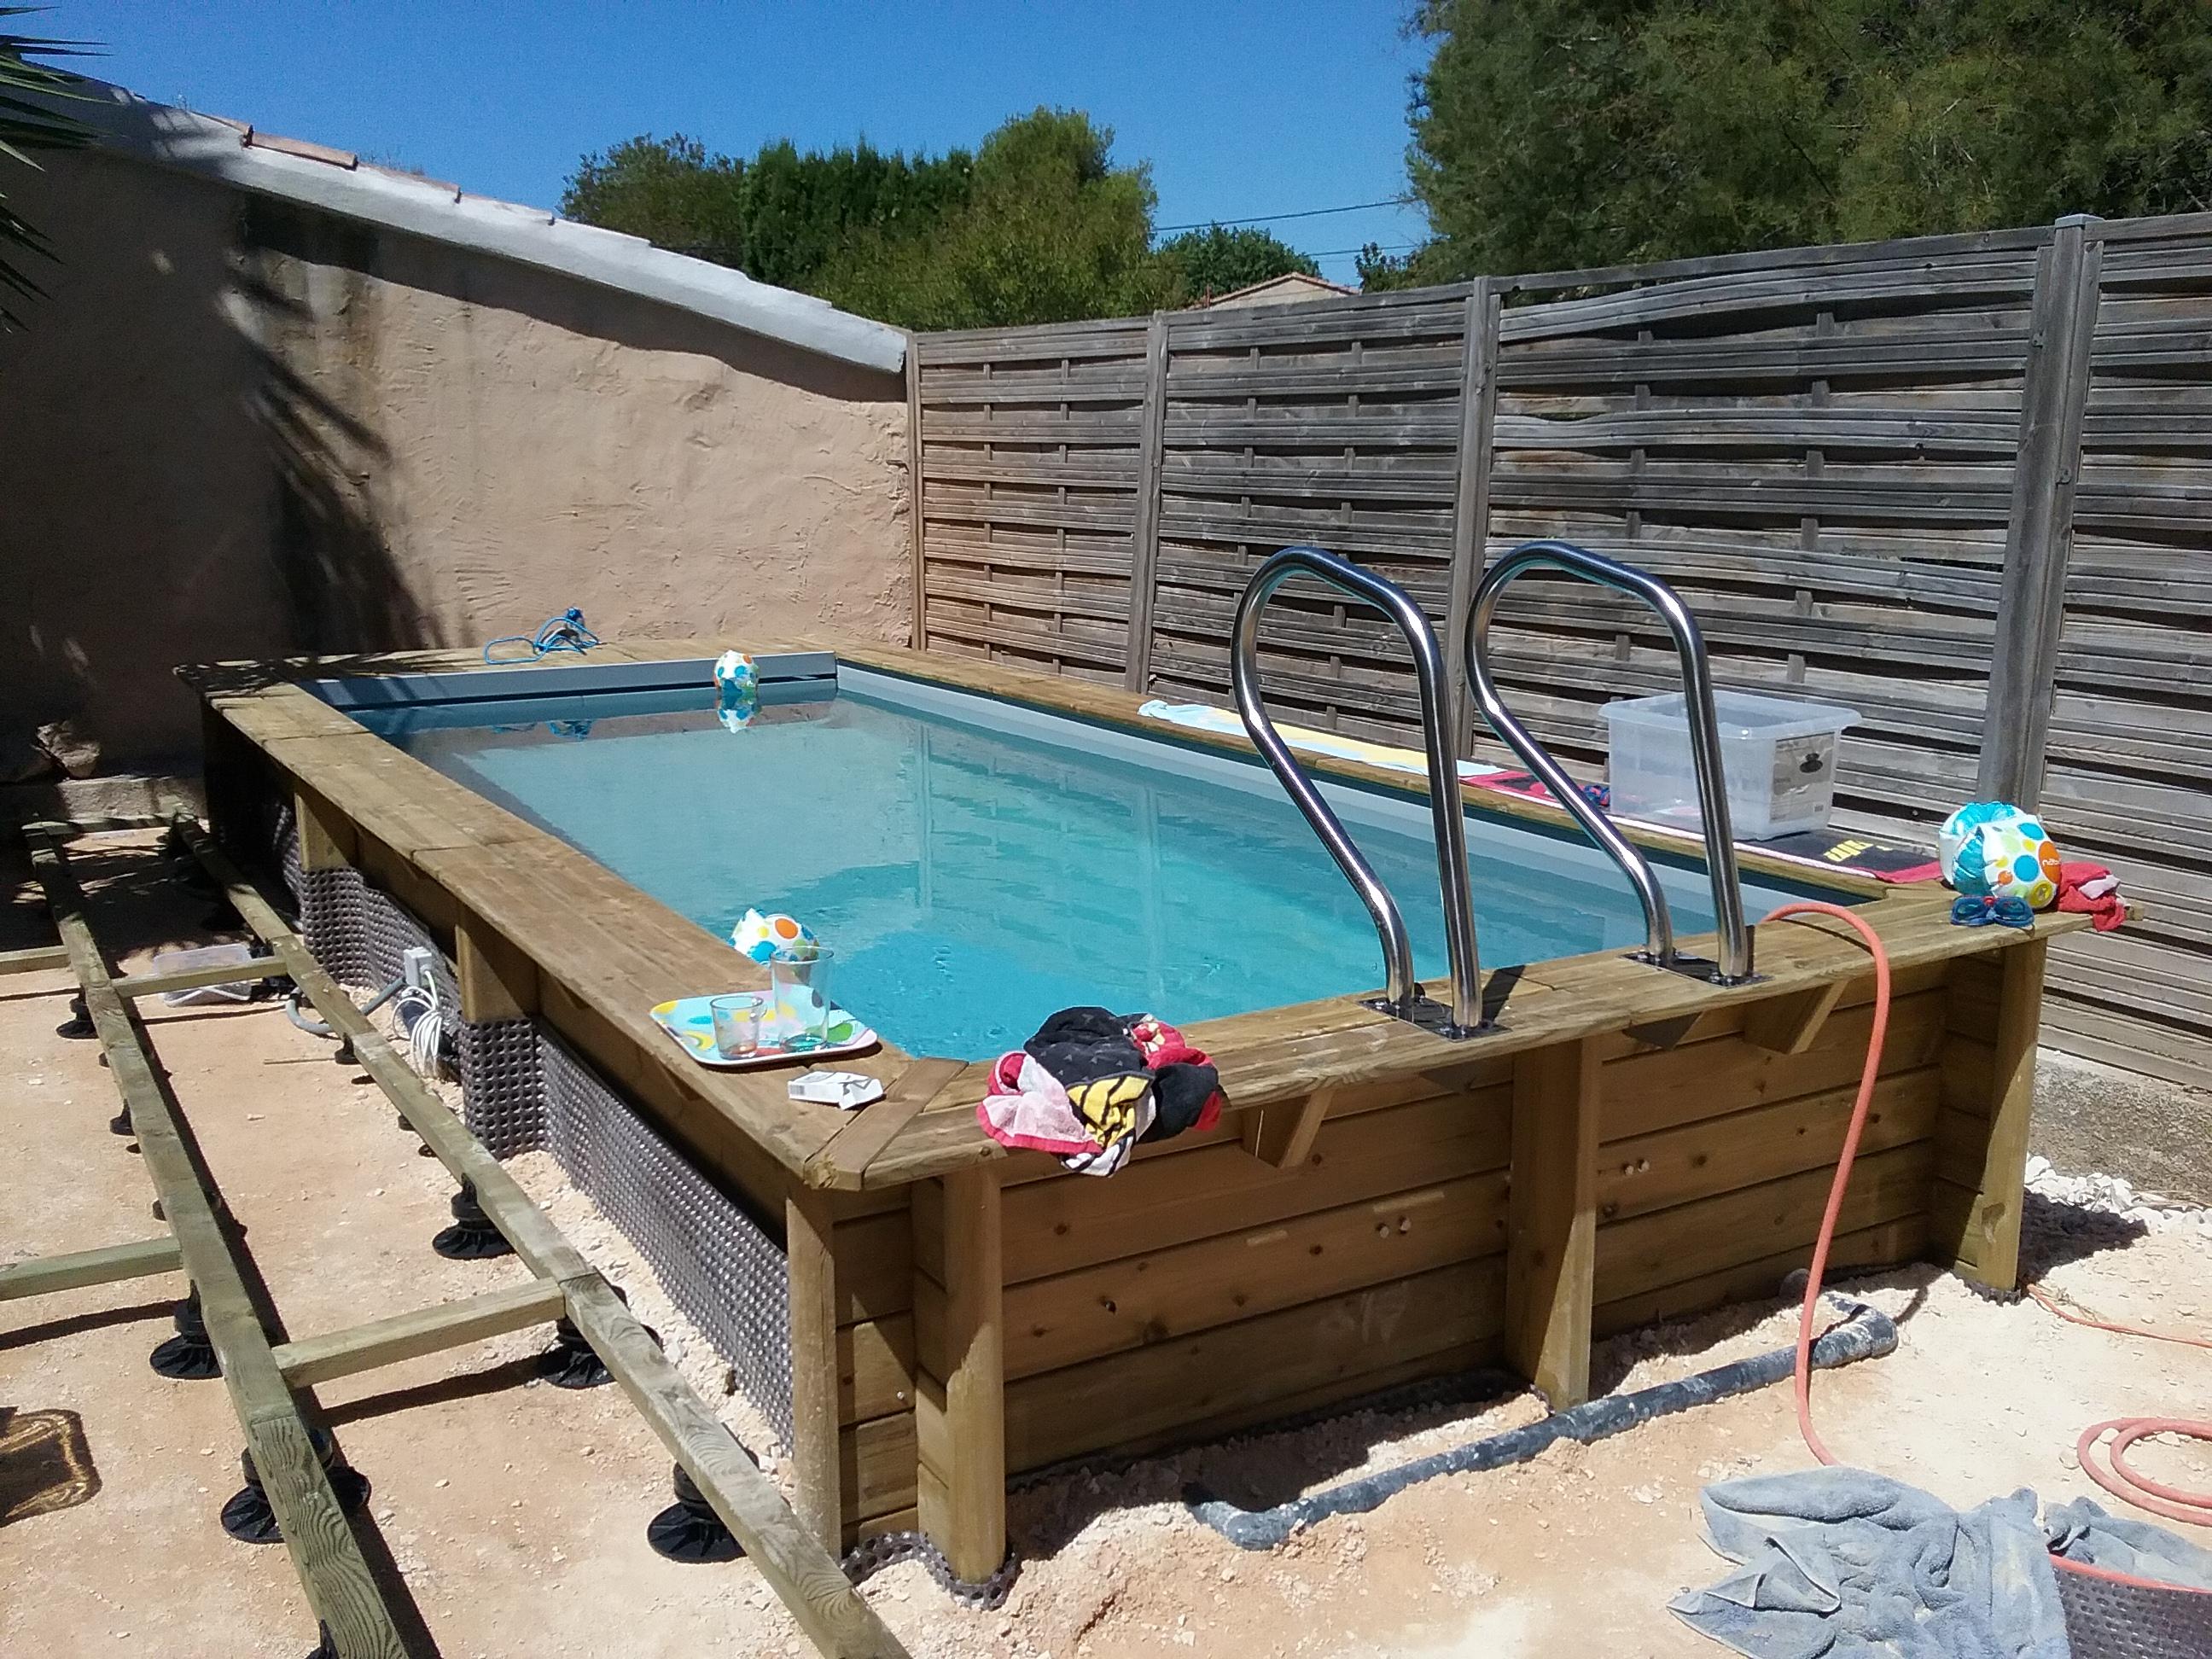 Une petite piscine en bois construction de piscine toulon var - Petite piscine en bois ...